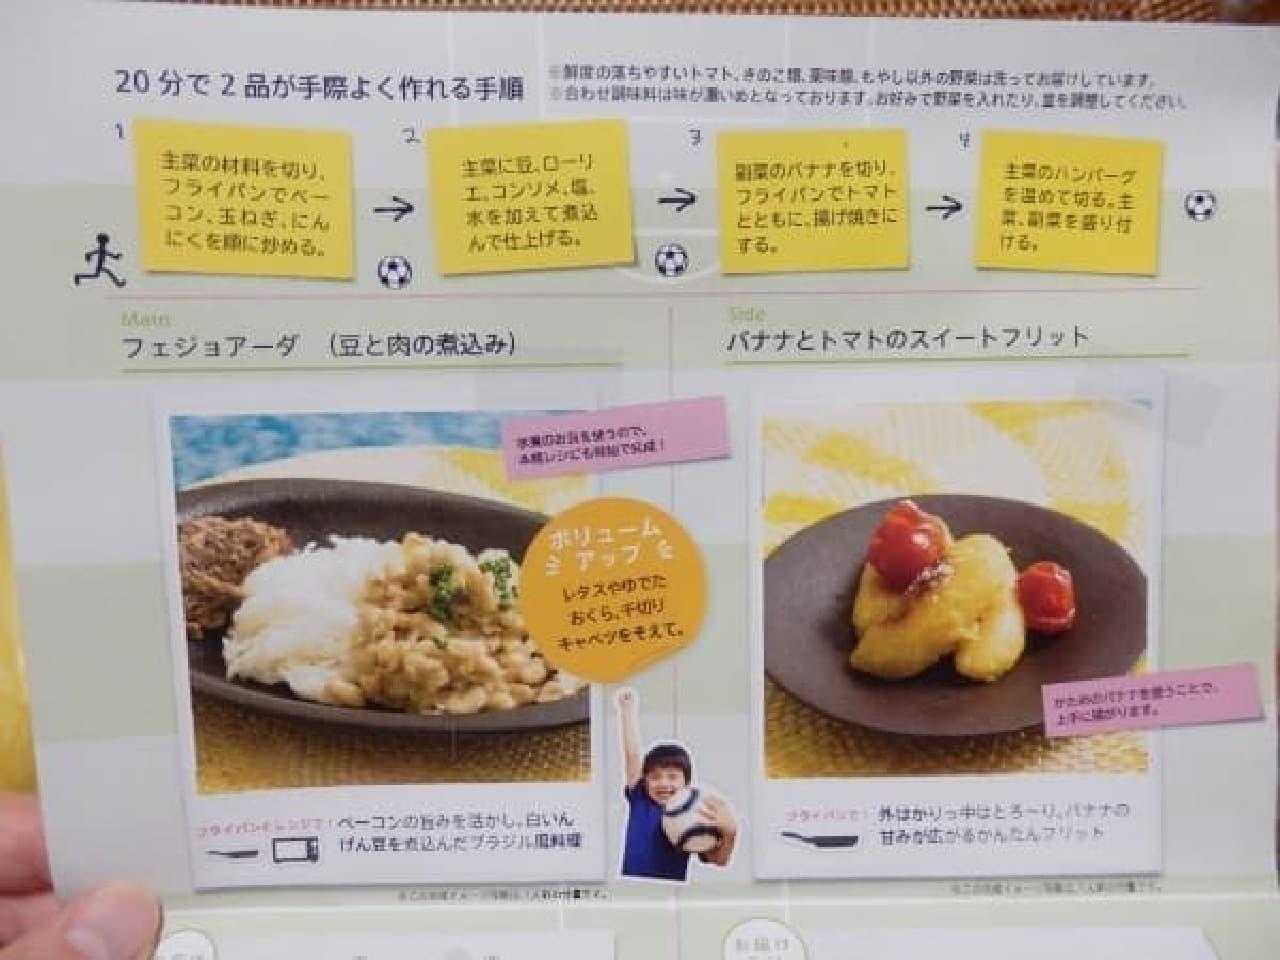 レシピには20分で作るコツのようなものが書かれている